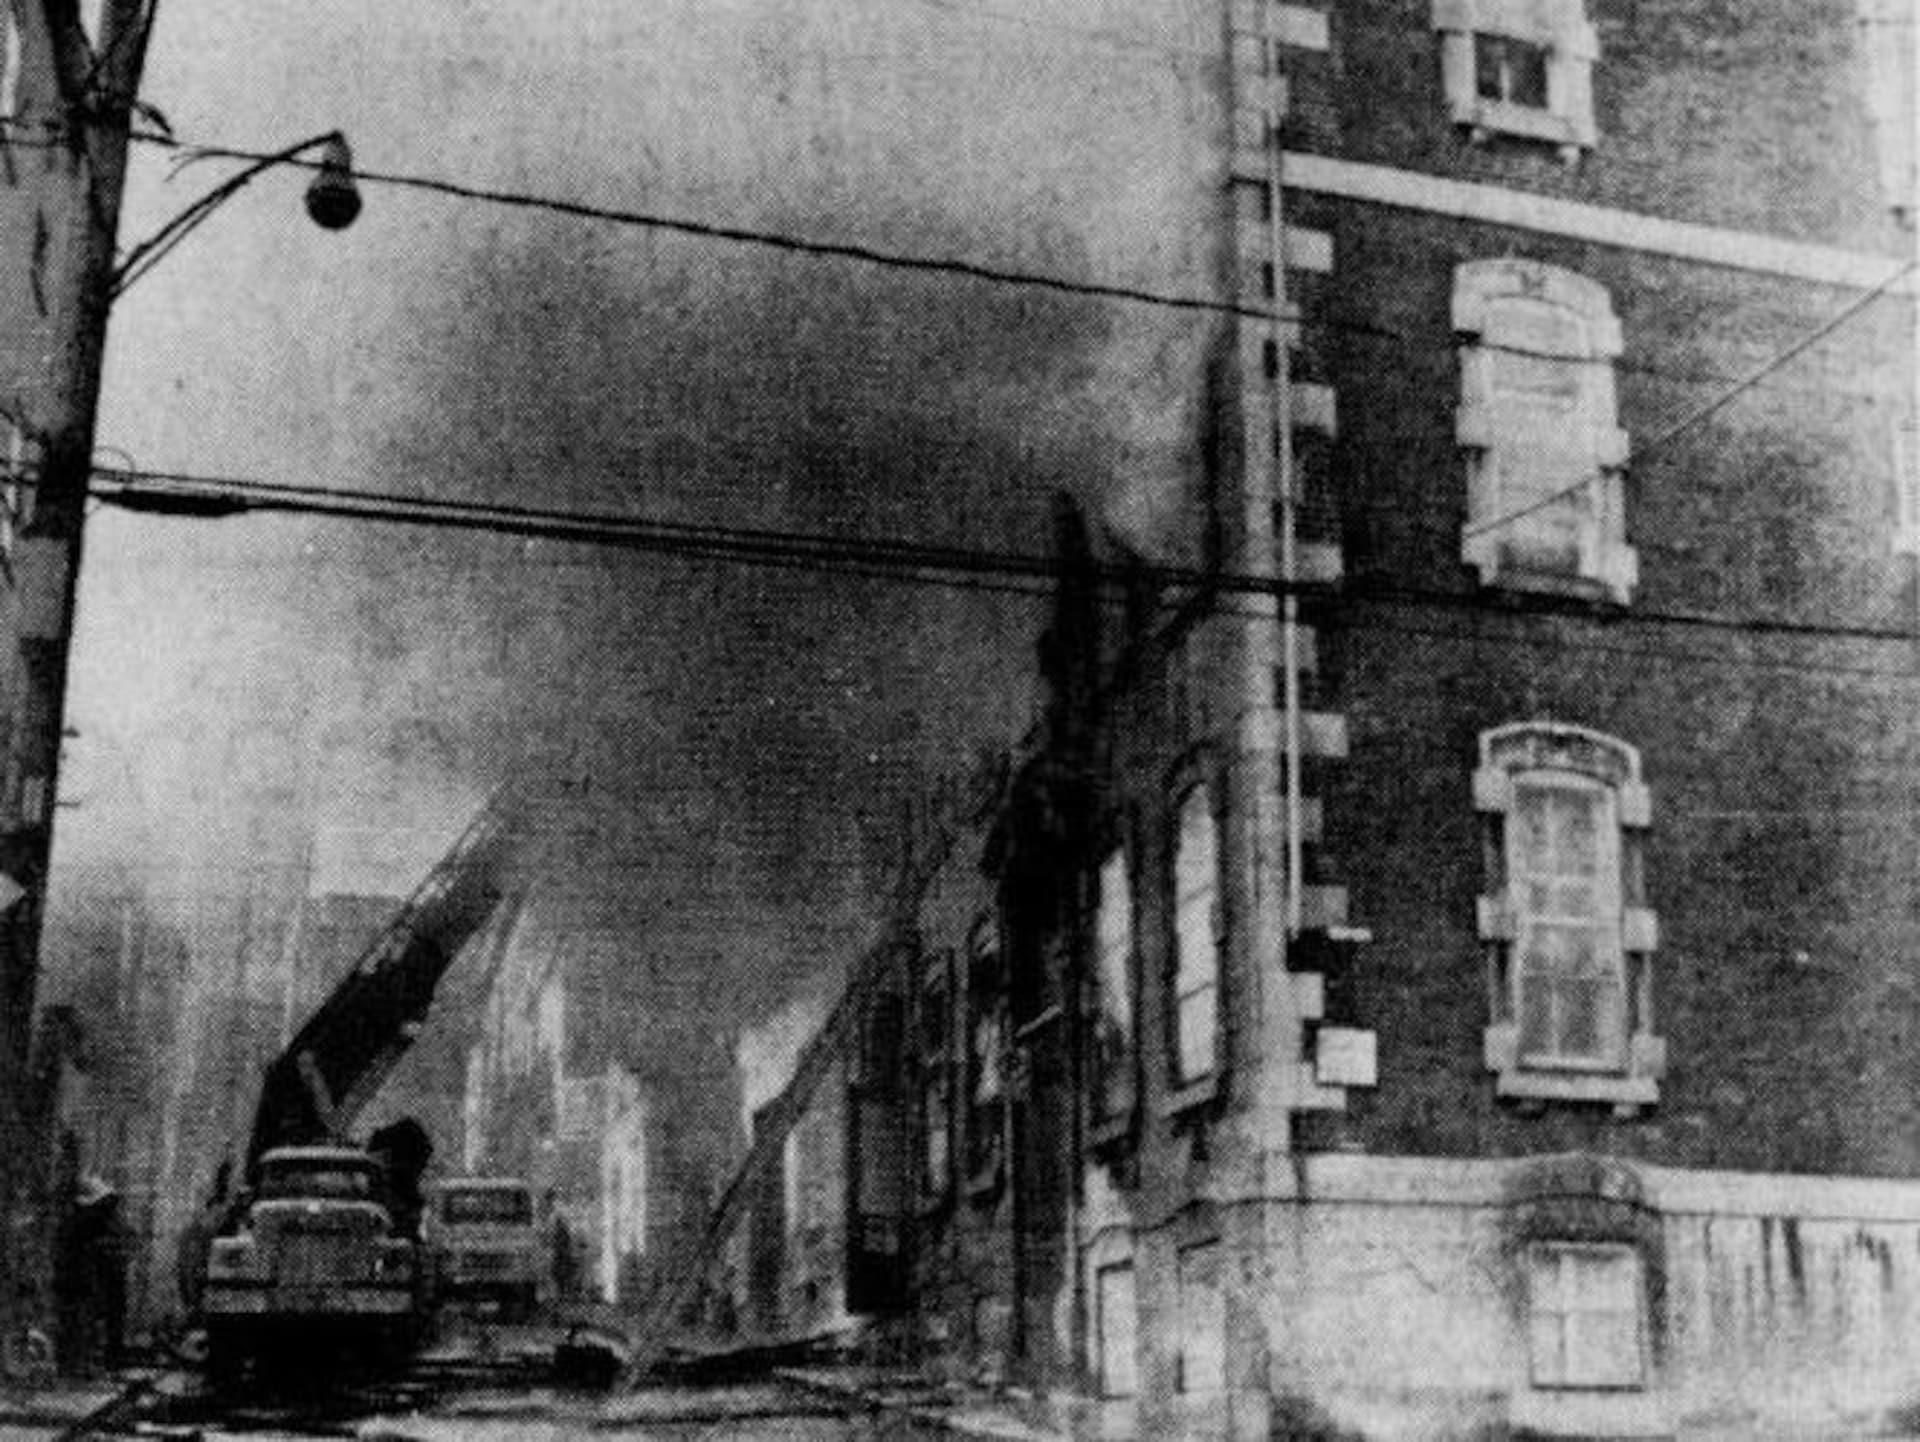 Les pompiers tentent de maîtriser un incendie dans un immeuble de plusieurs étages, sur une image d'archive tirée d'un journal de 1980. On reconnaît l'architecture typique du quartier Saint-Jean-Baptiste, avec ses maisons de briques collées à la rue.